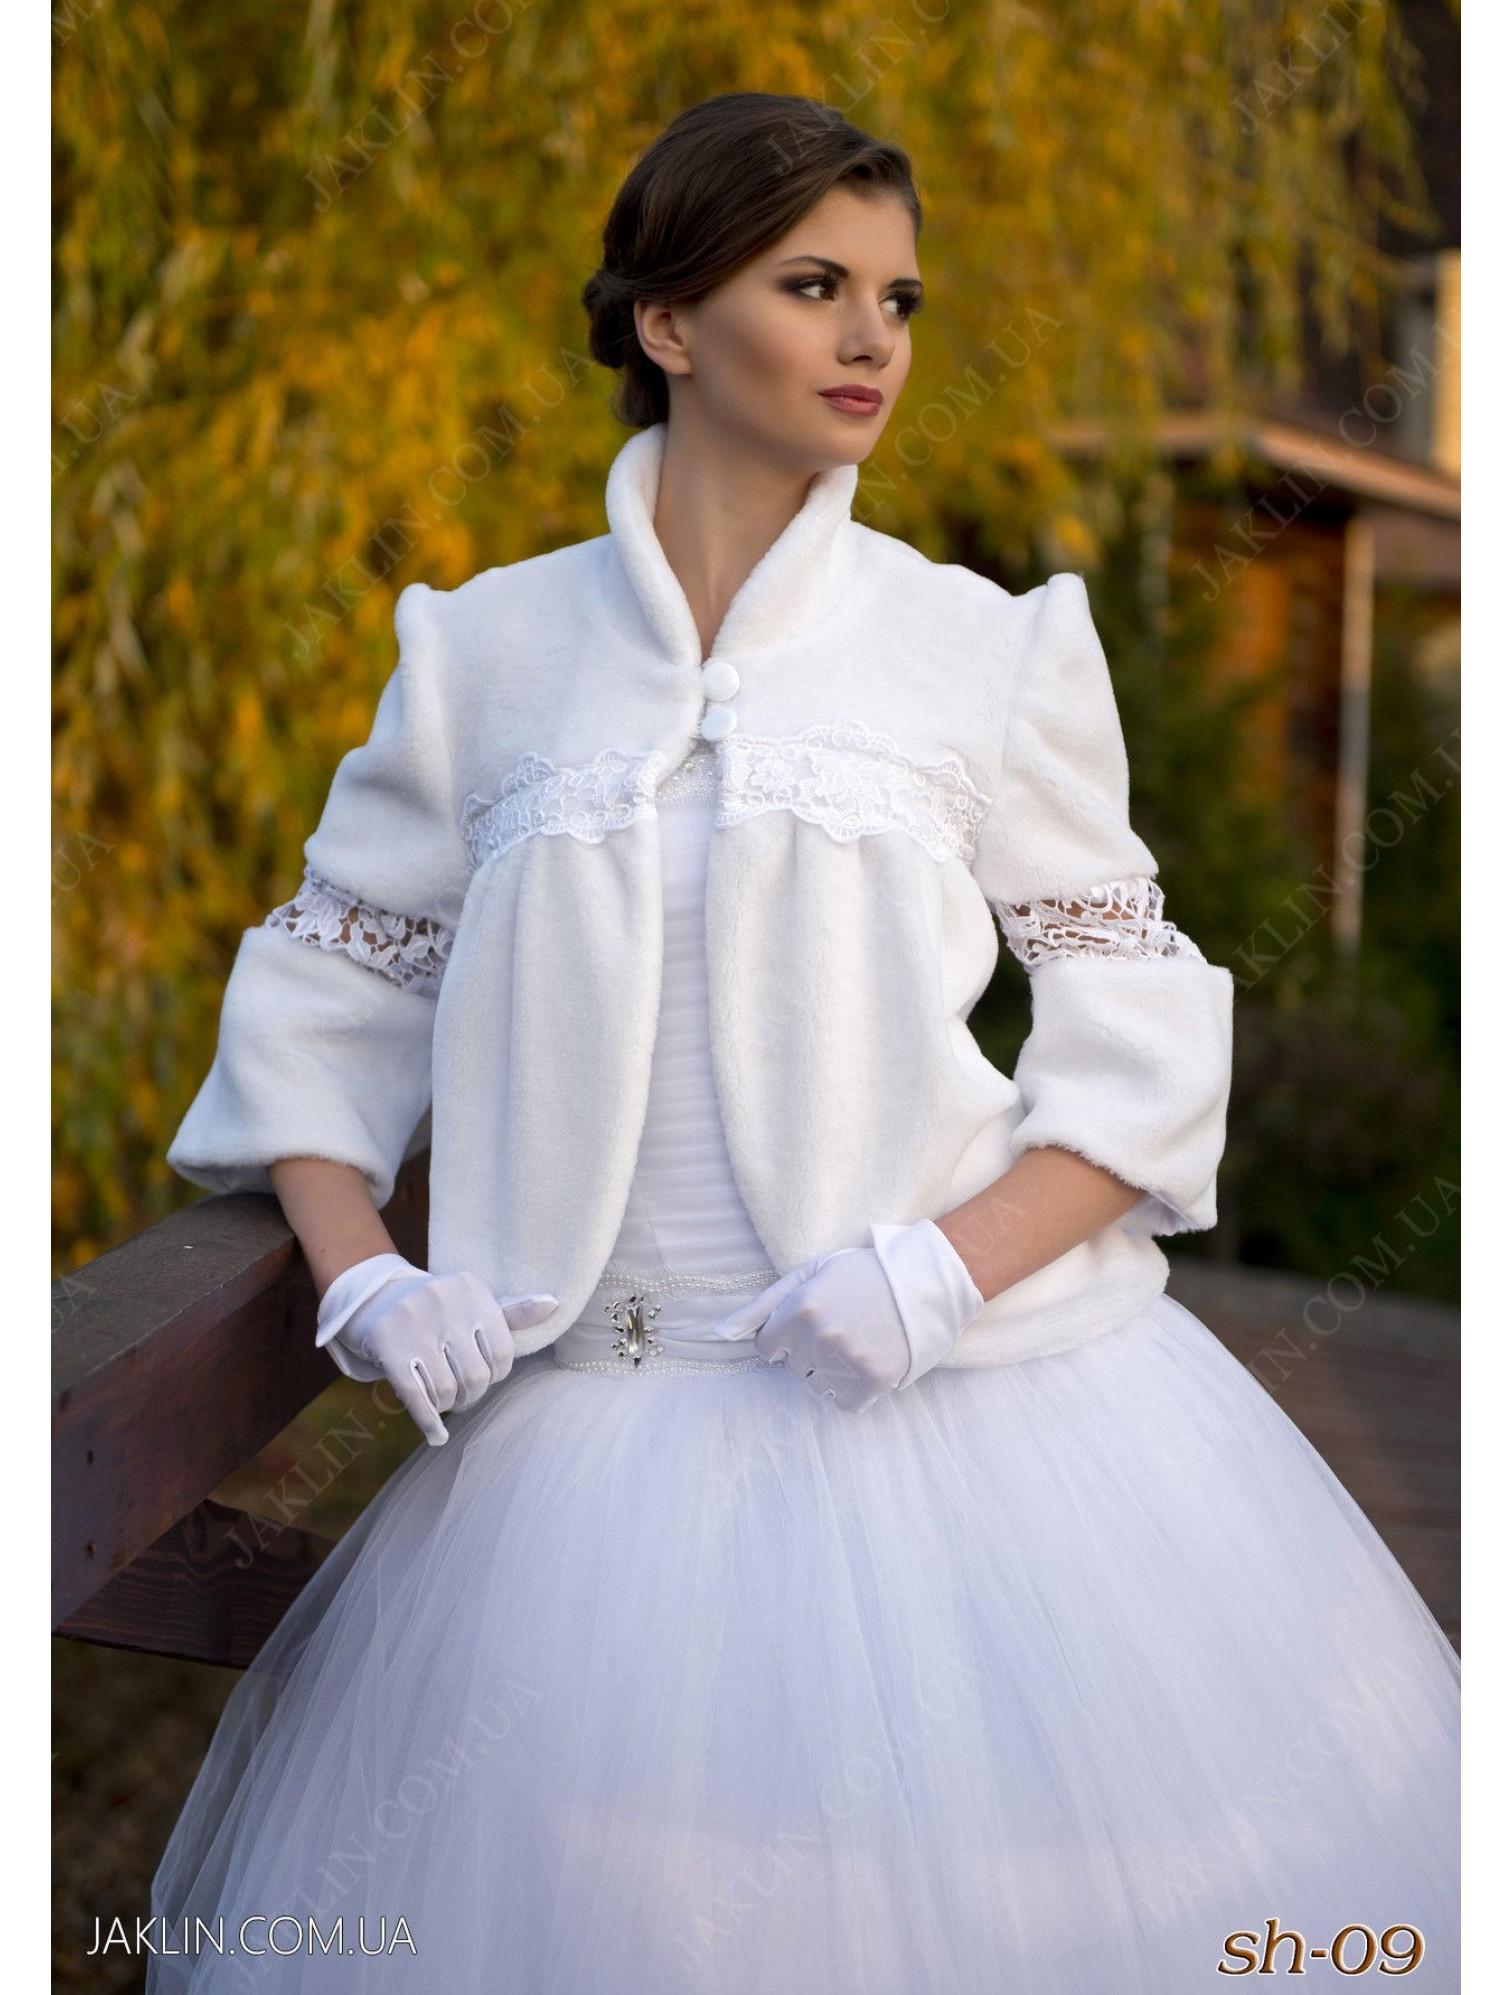 Wedding coat SH-09